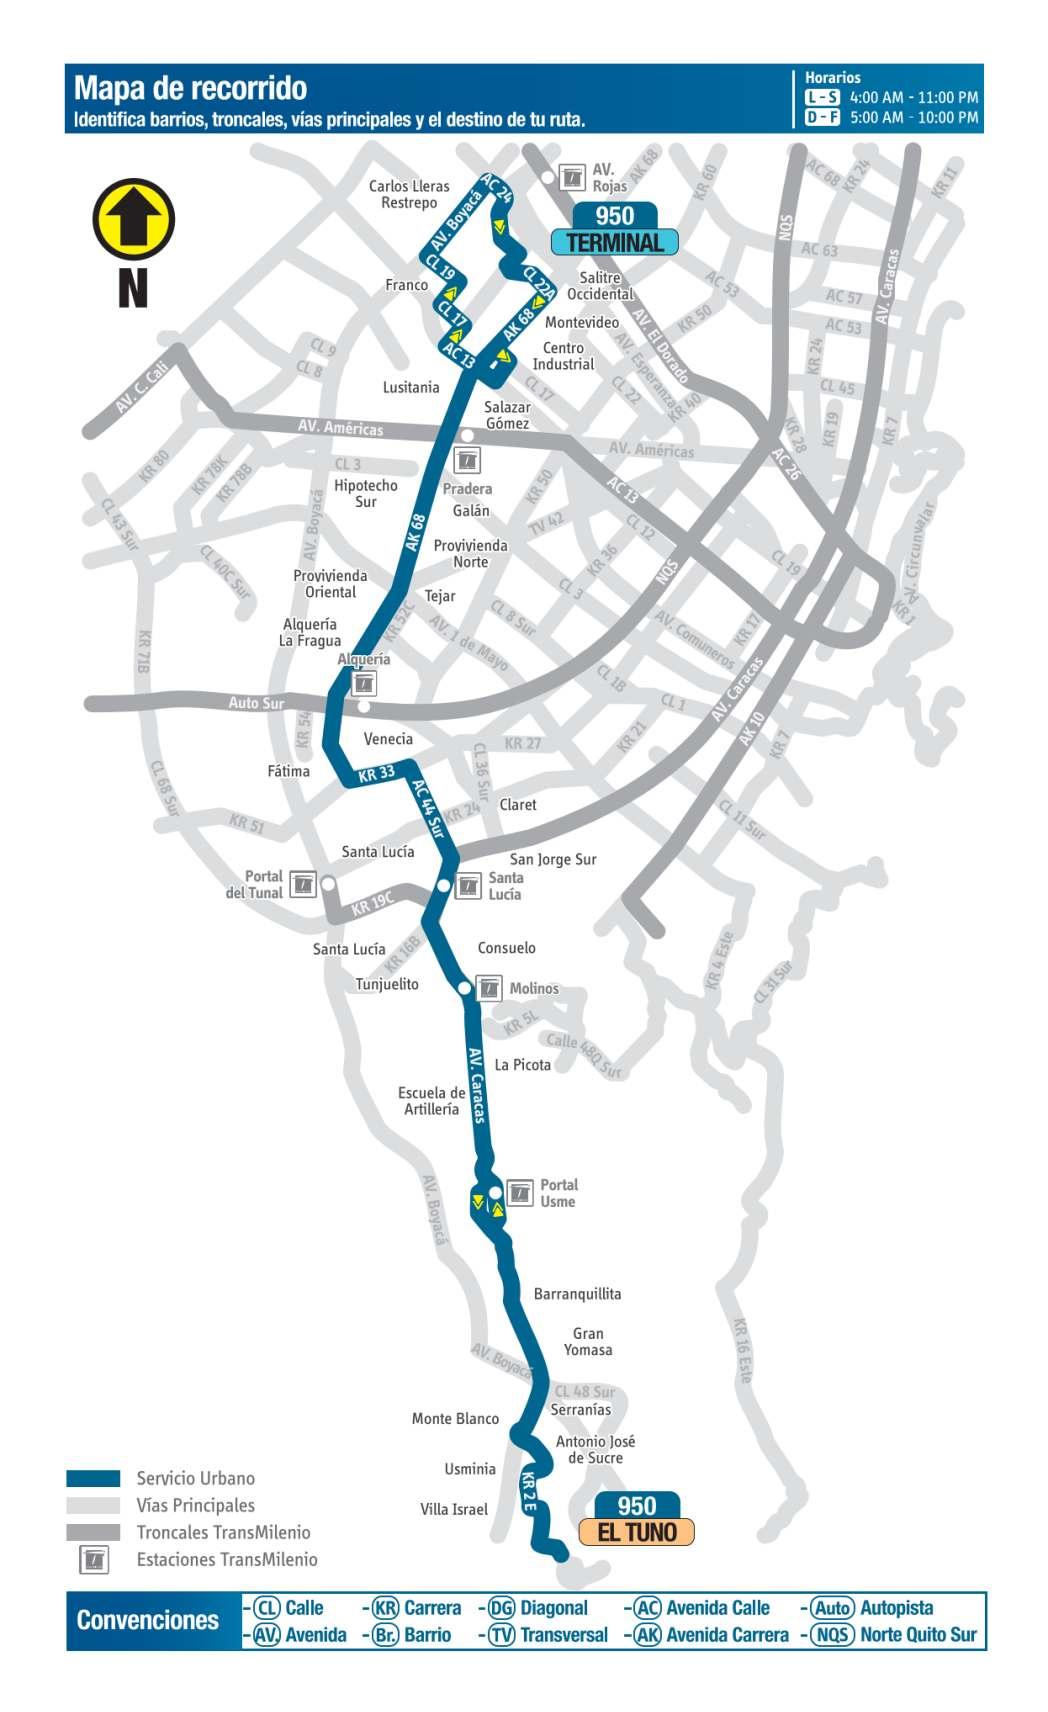 950 El Tuno - Terminal, mapa bus urbano Bogotá